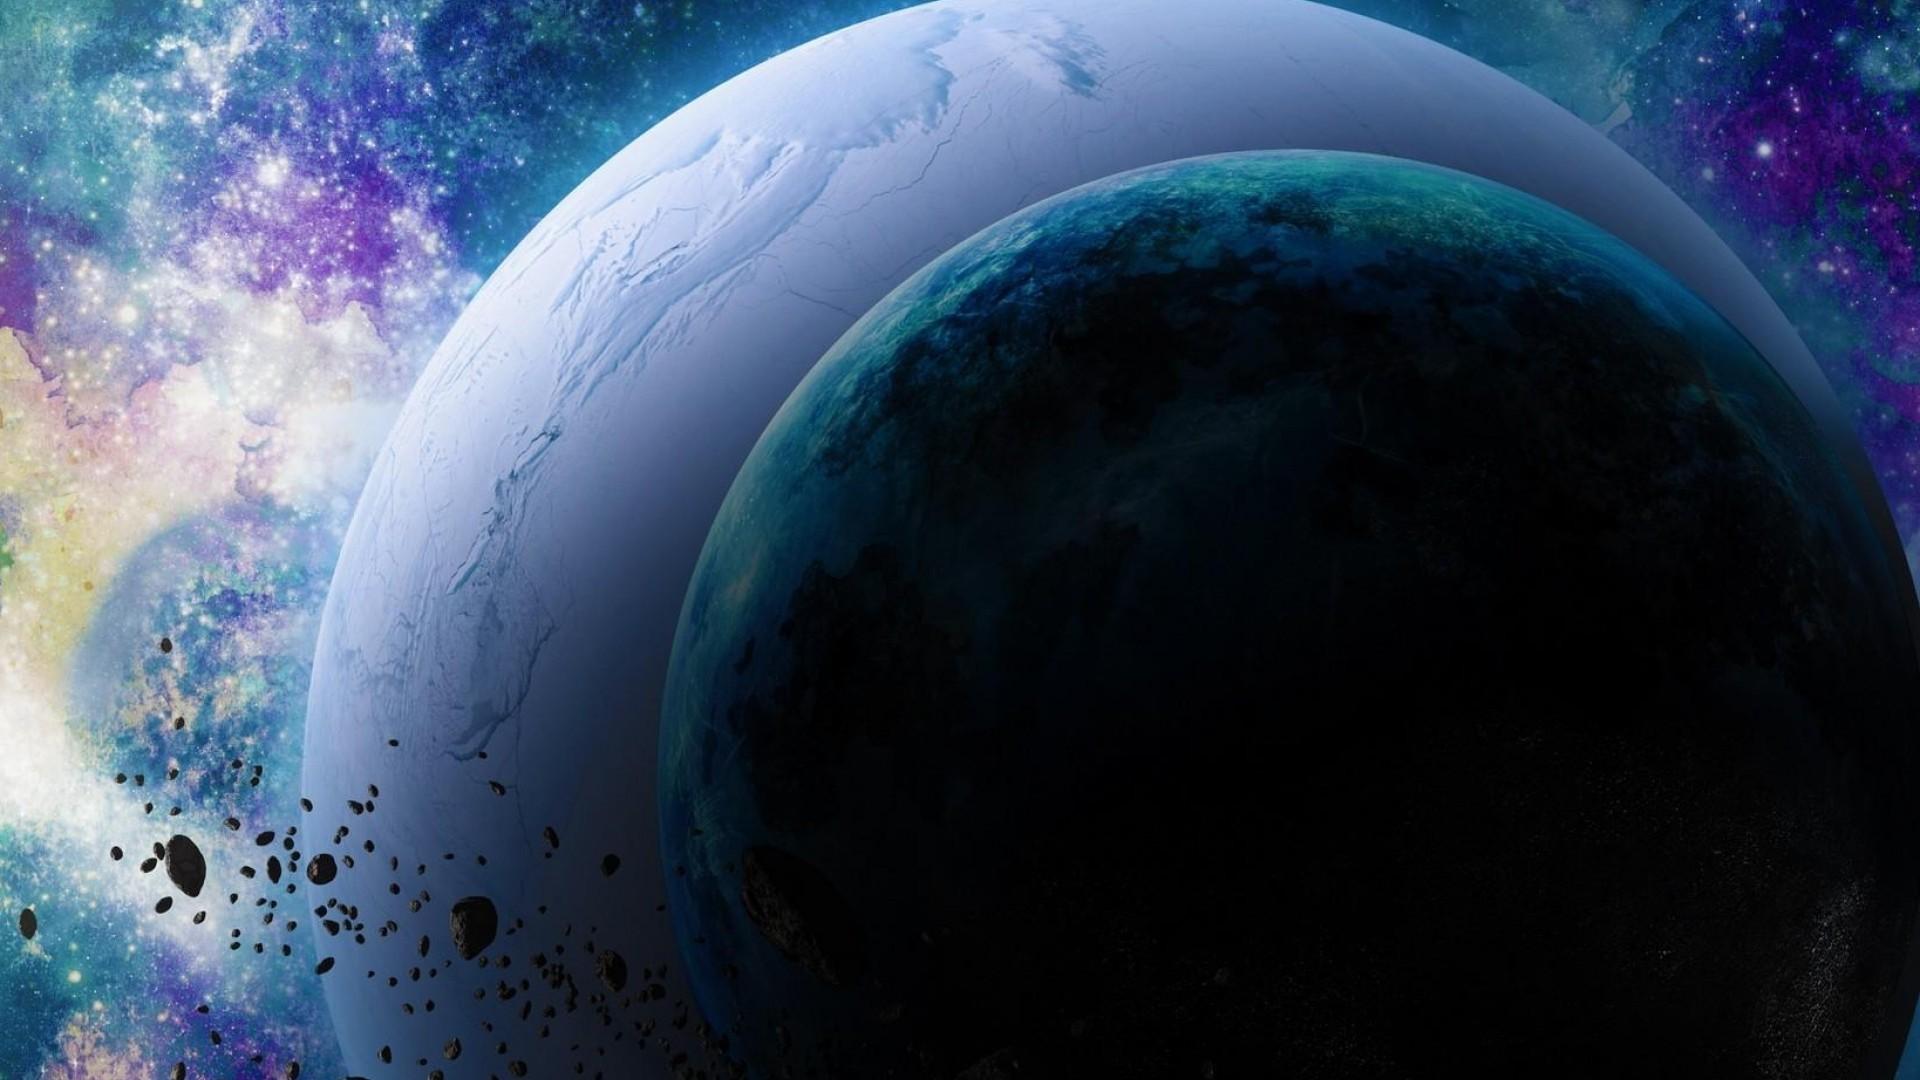 Sfondi pianeti 68 immagini for Immagini universo gratis